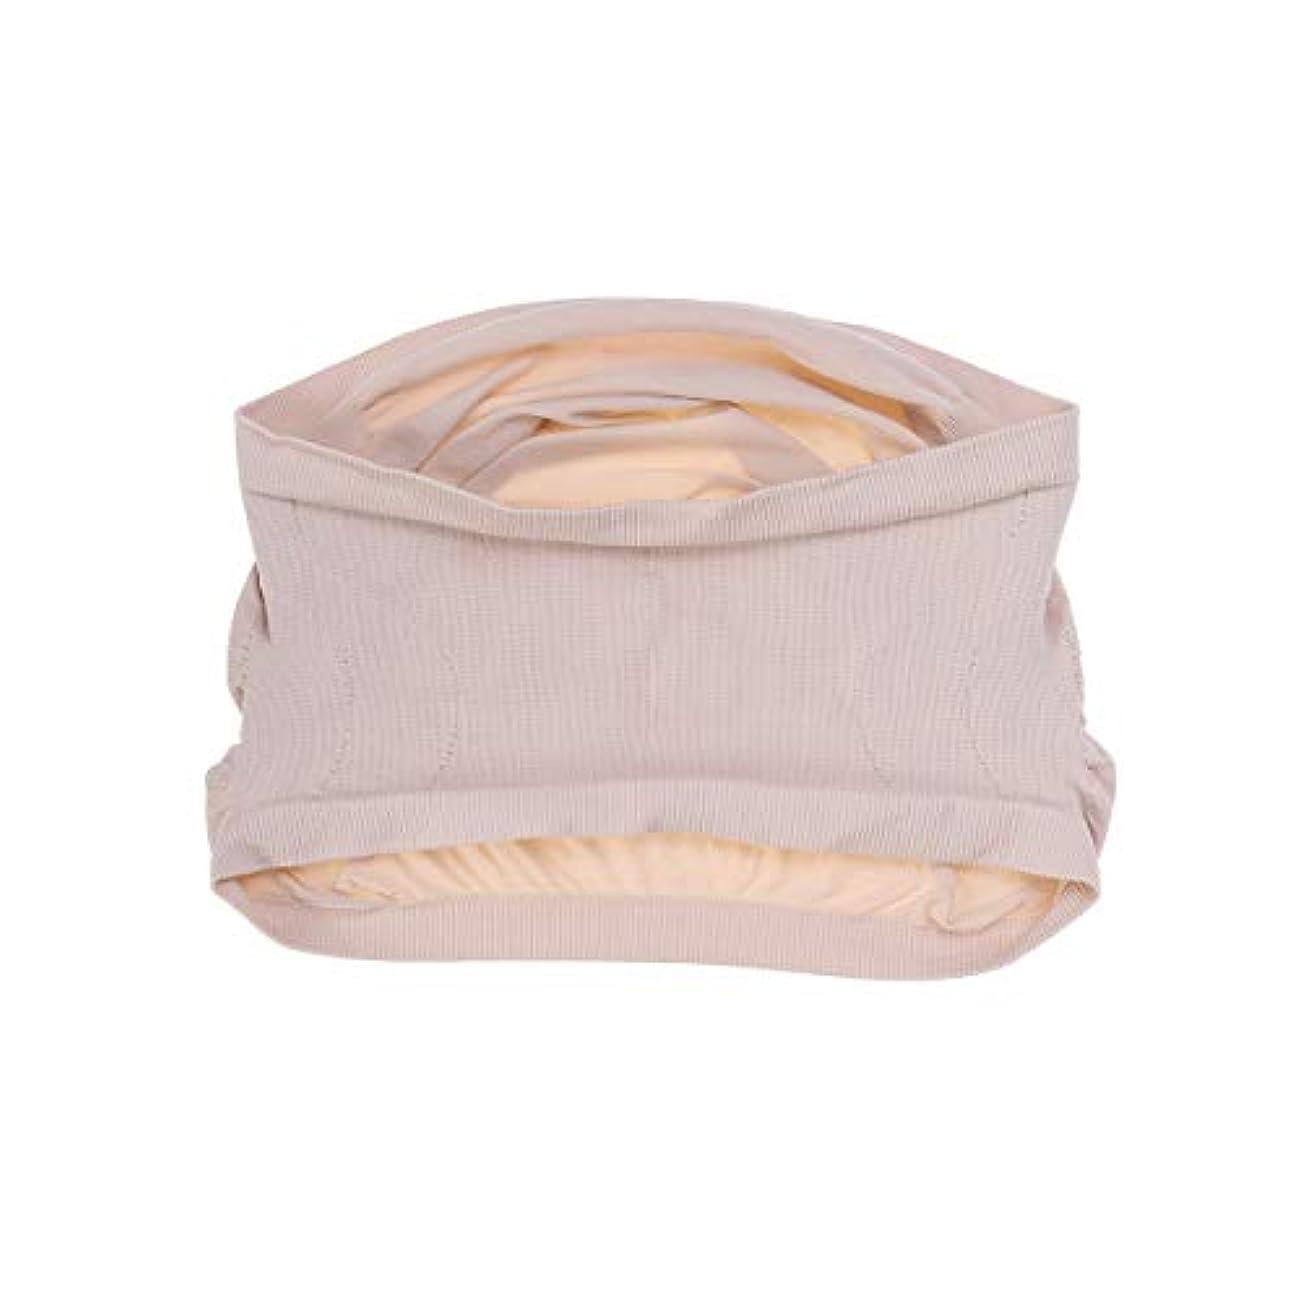 自治的毎日オフセットHealifty 妊婦 マタニティベルト 産前産後 腹部サポートベルト 骨盤ベルト 腰痛対策 冷房対策 通気性良 簡単装着 サイズXL(カーキ)